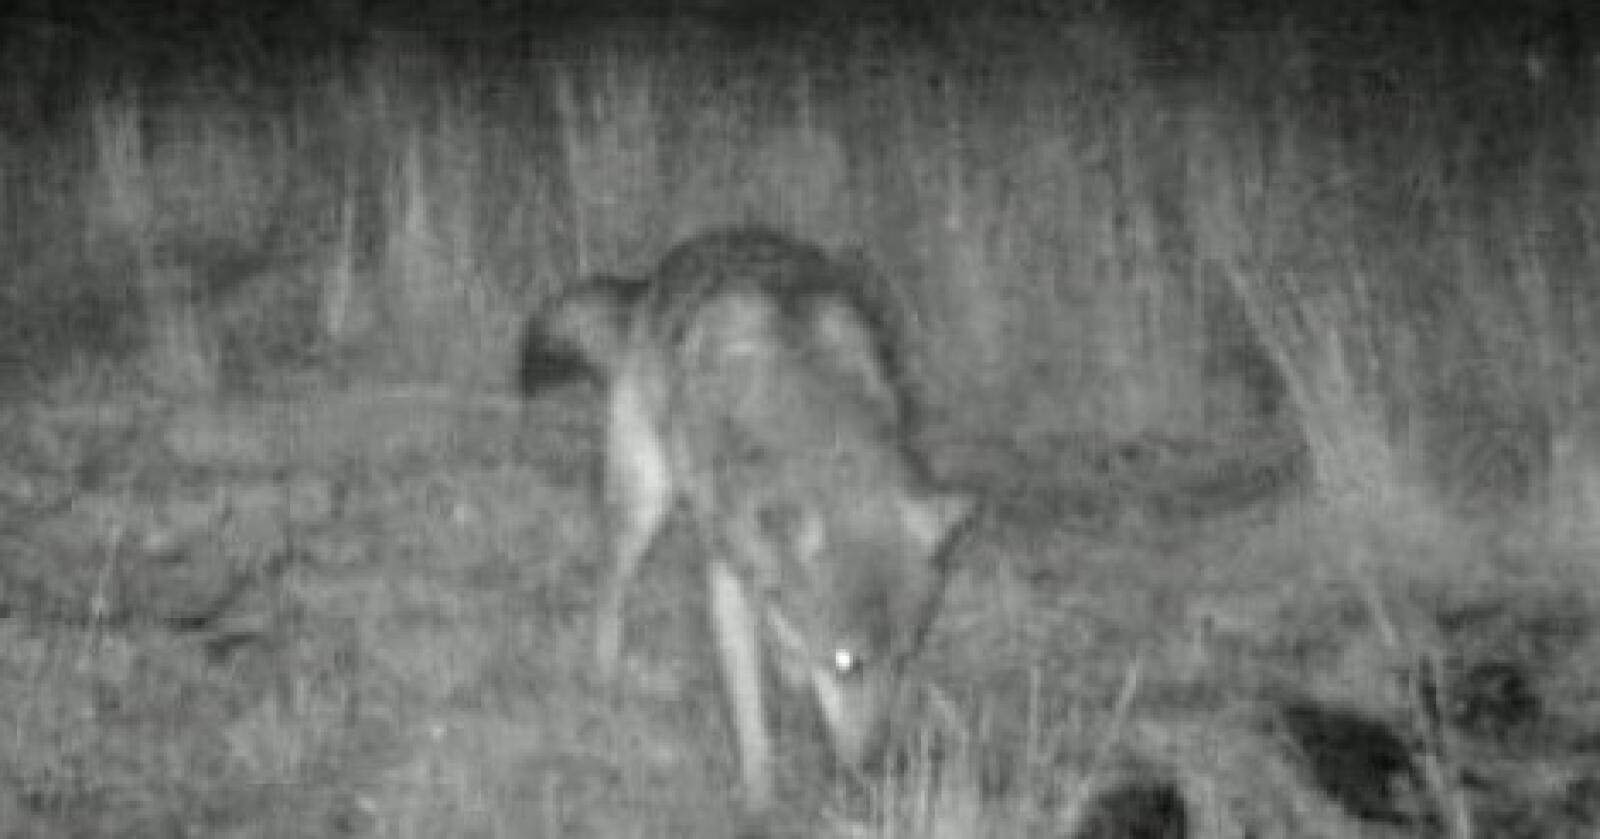 Hannulven på Vestlandet ble fanget av et av SNO sine viltkamera i september i fjor. Foto: Statens naturoppsyn/Miljødirektoratet